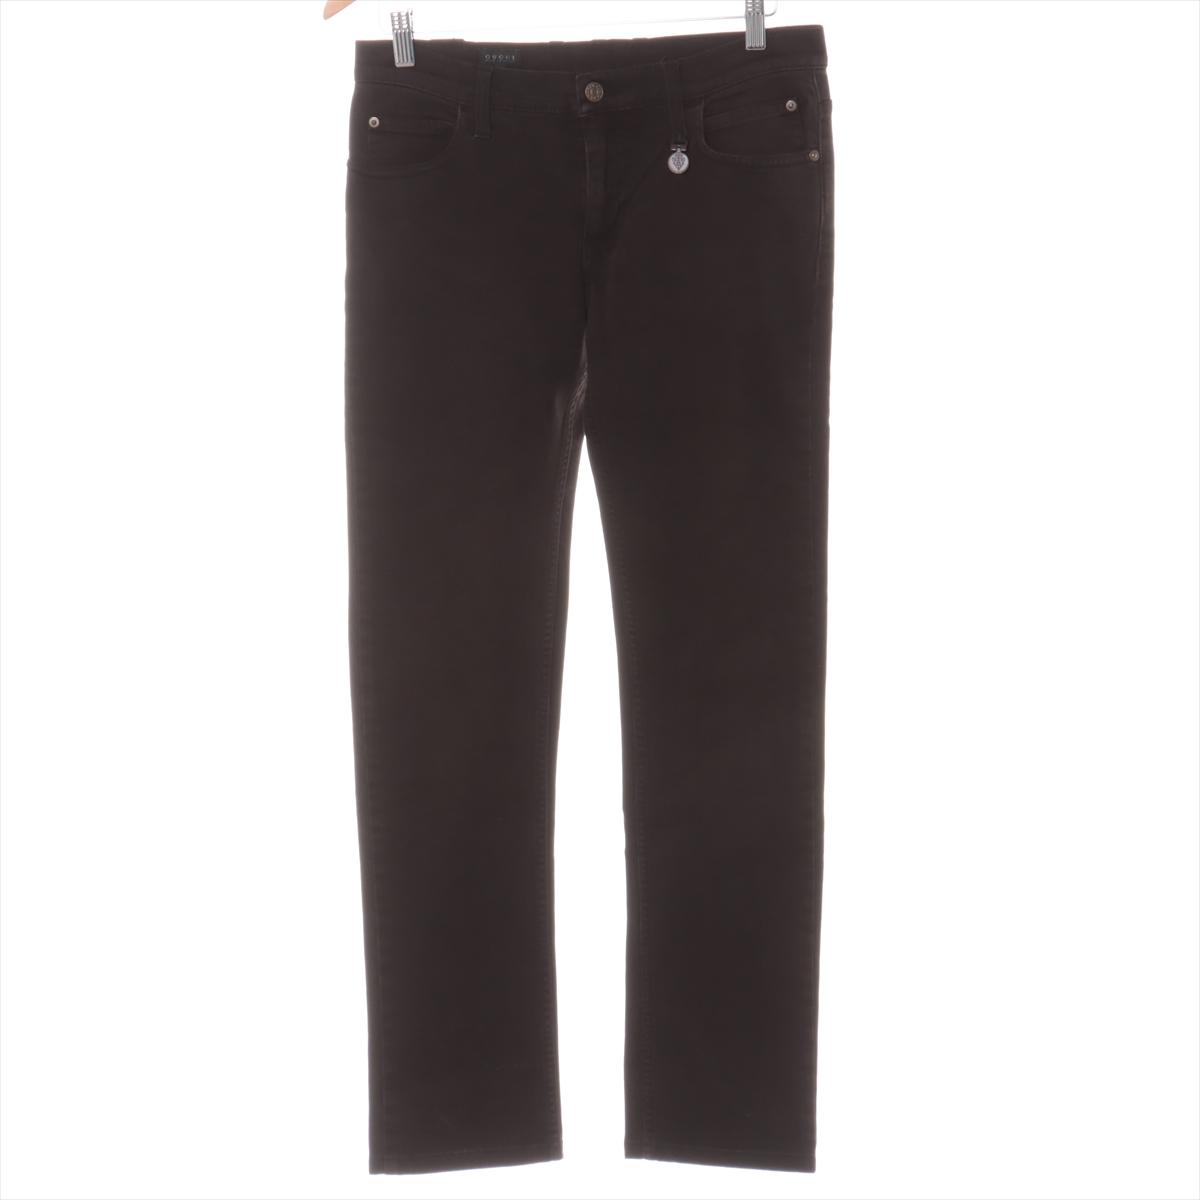 中古 《週末限定タイムセール》 グッチ コットン×ポリウレタン デニムパンツ 44 裾上げあり グレー メンズ ストアー